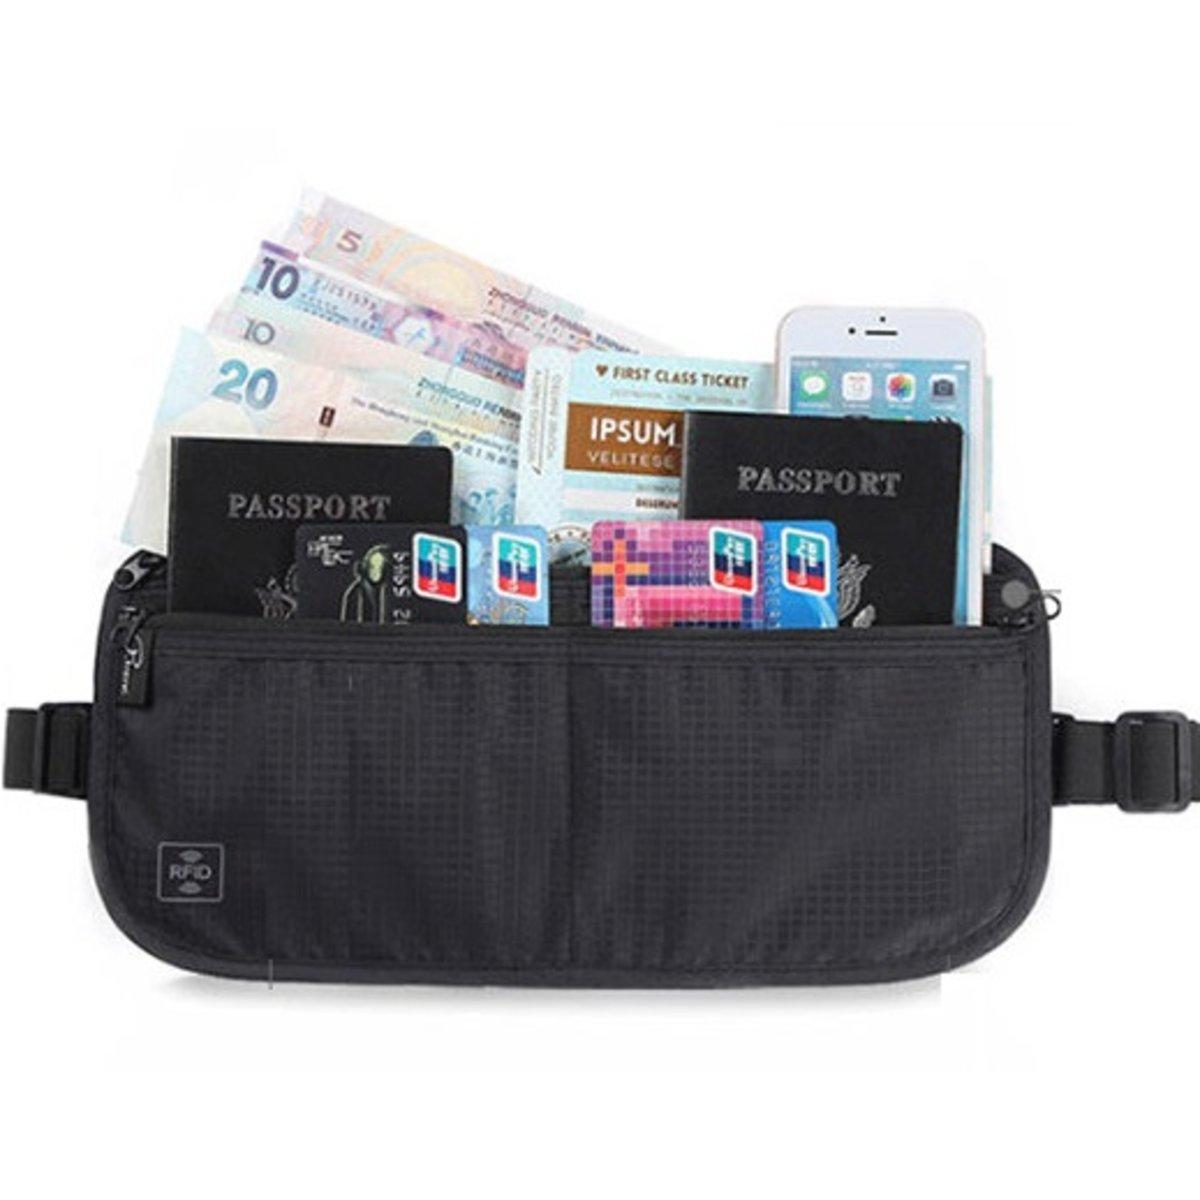 RFID Card&Passport 2-Way Bag